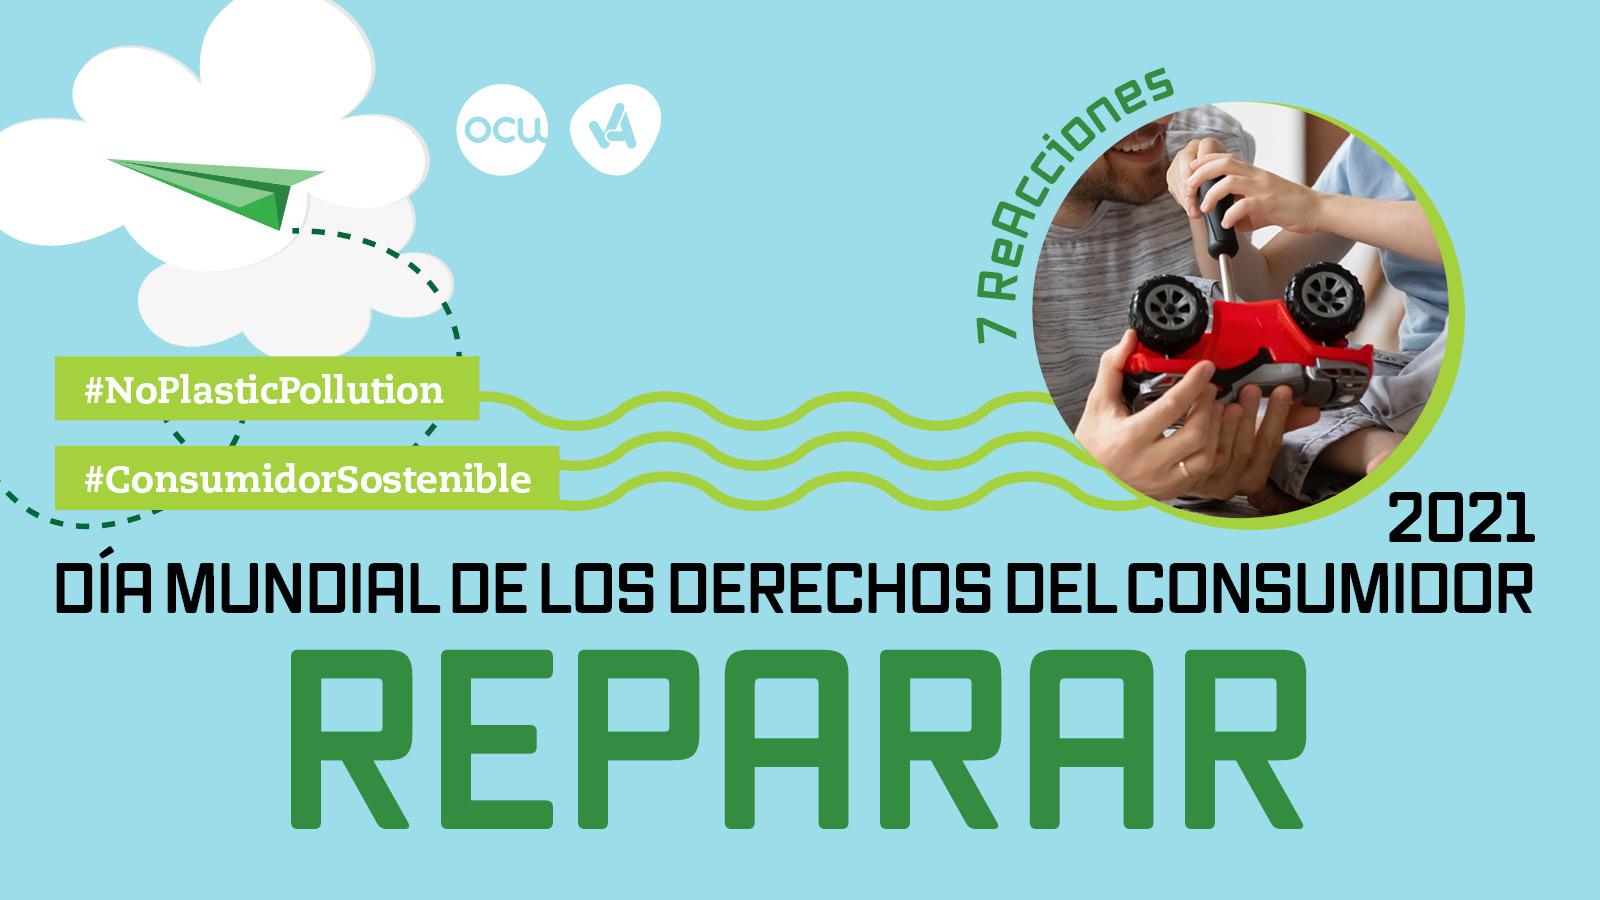 Imagem Reparar, sí, por sostenibilidad. No a la obsolescencia